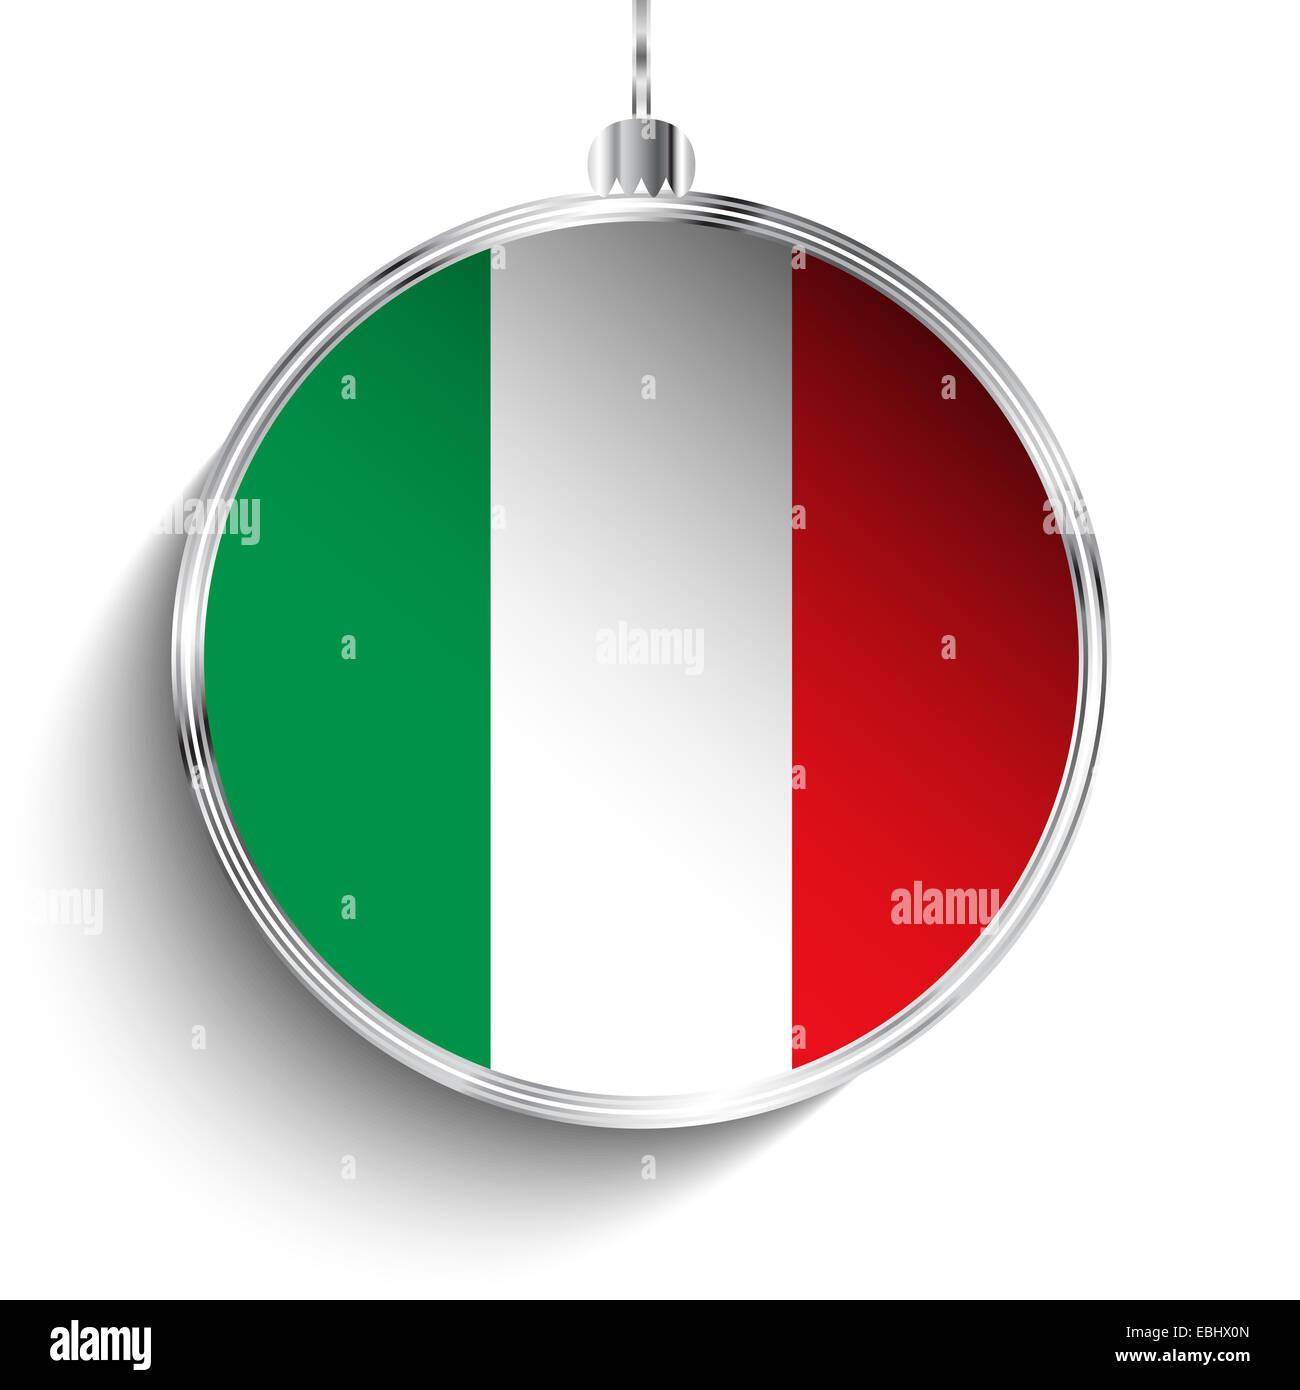 Buon Natale Italia.Vettore Buon Natale Sfera In Argento Con Bandiera Italia Foto Stock Alamy